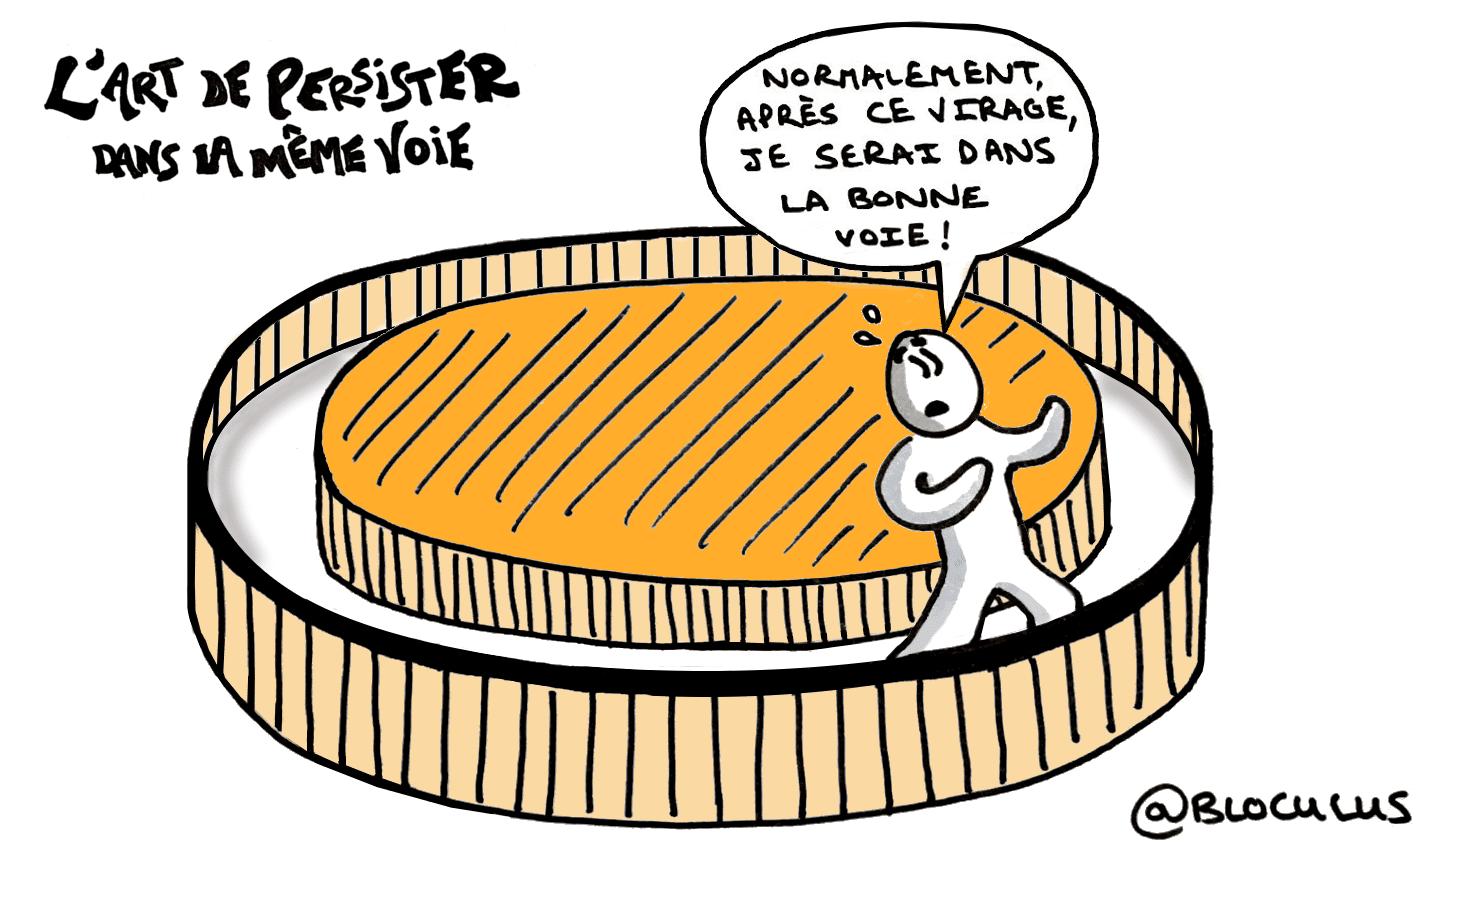 #cartoon : L'art de persévérer dans la même voie